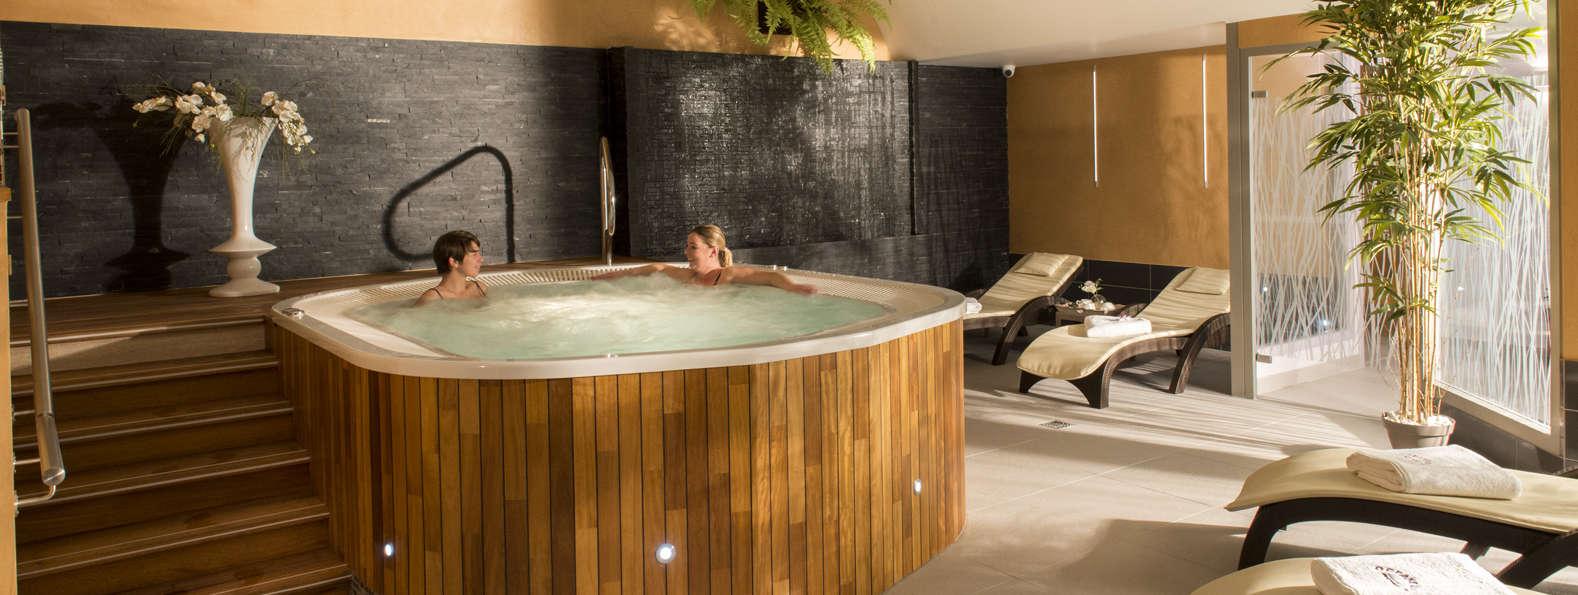 week end bien tre royan avec acc s au spa pour 2 adultes partir de 189. Black Bedroom Furniture Sets. Home Design Ideas